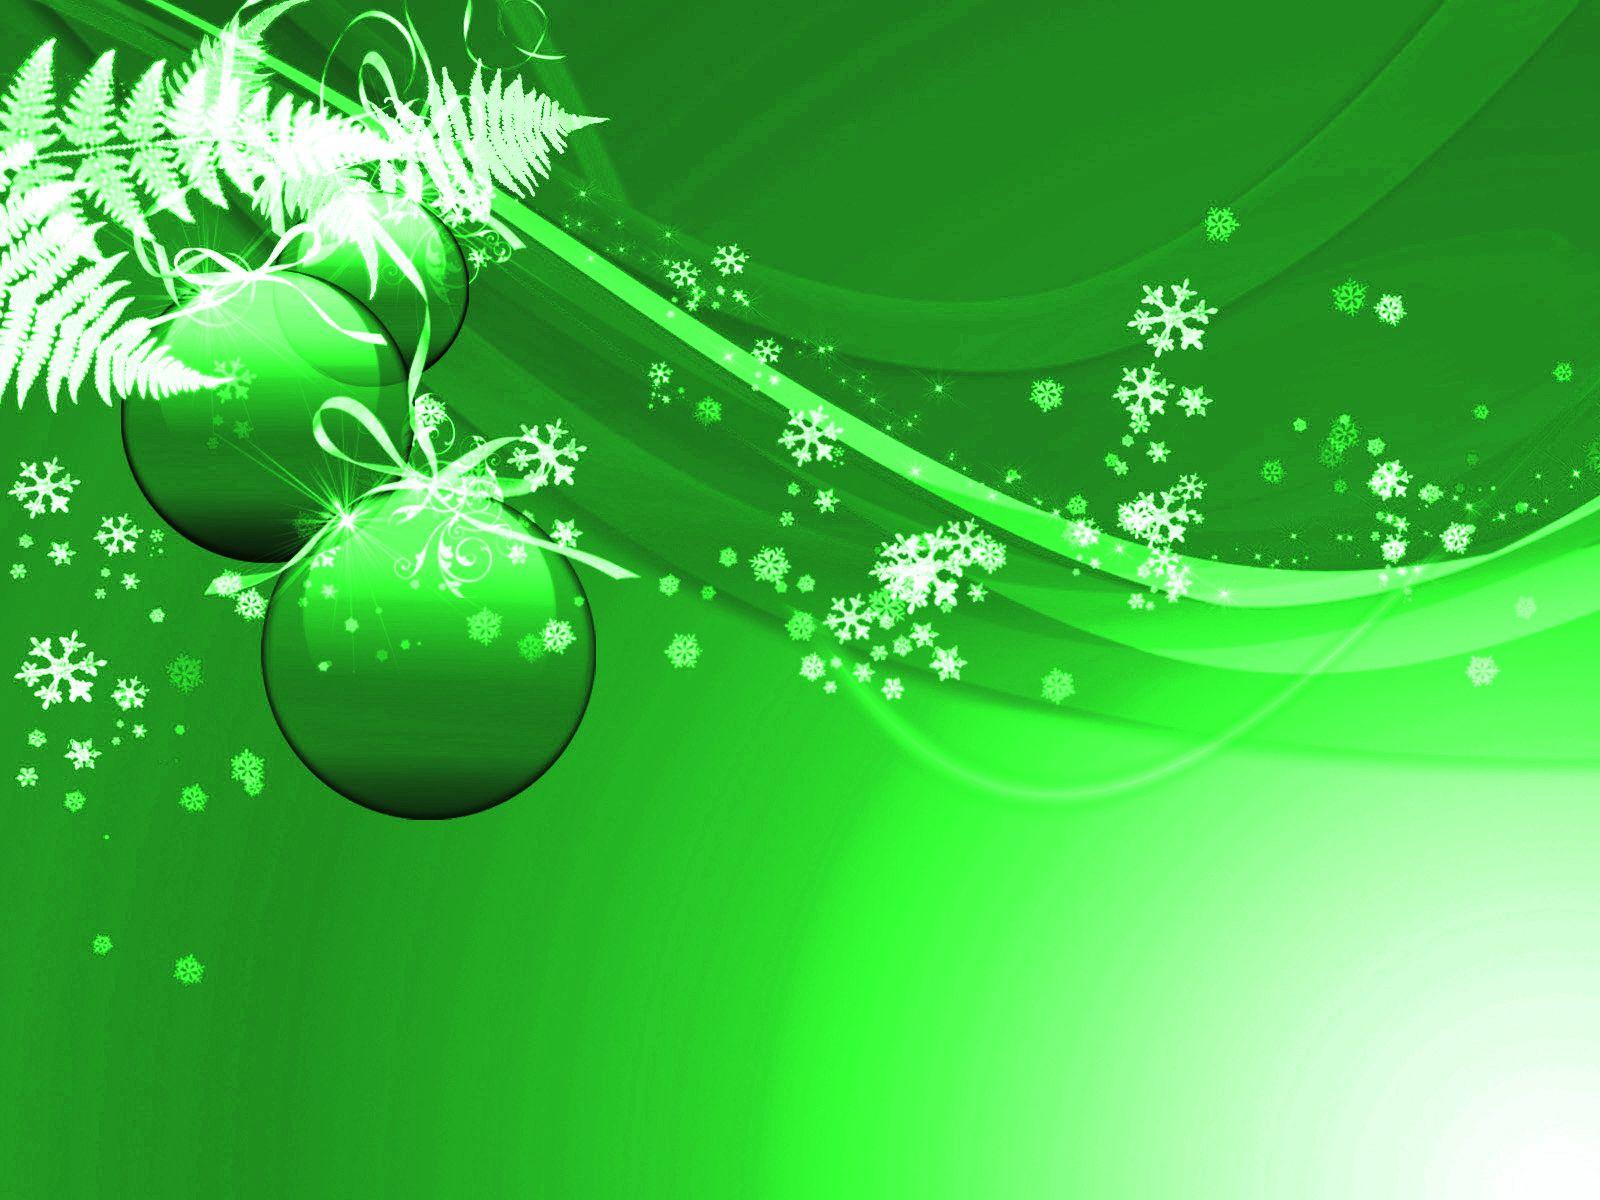 christmas backrounds